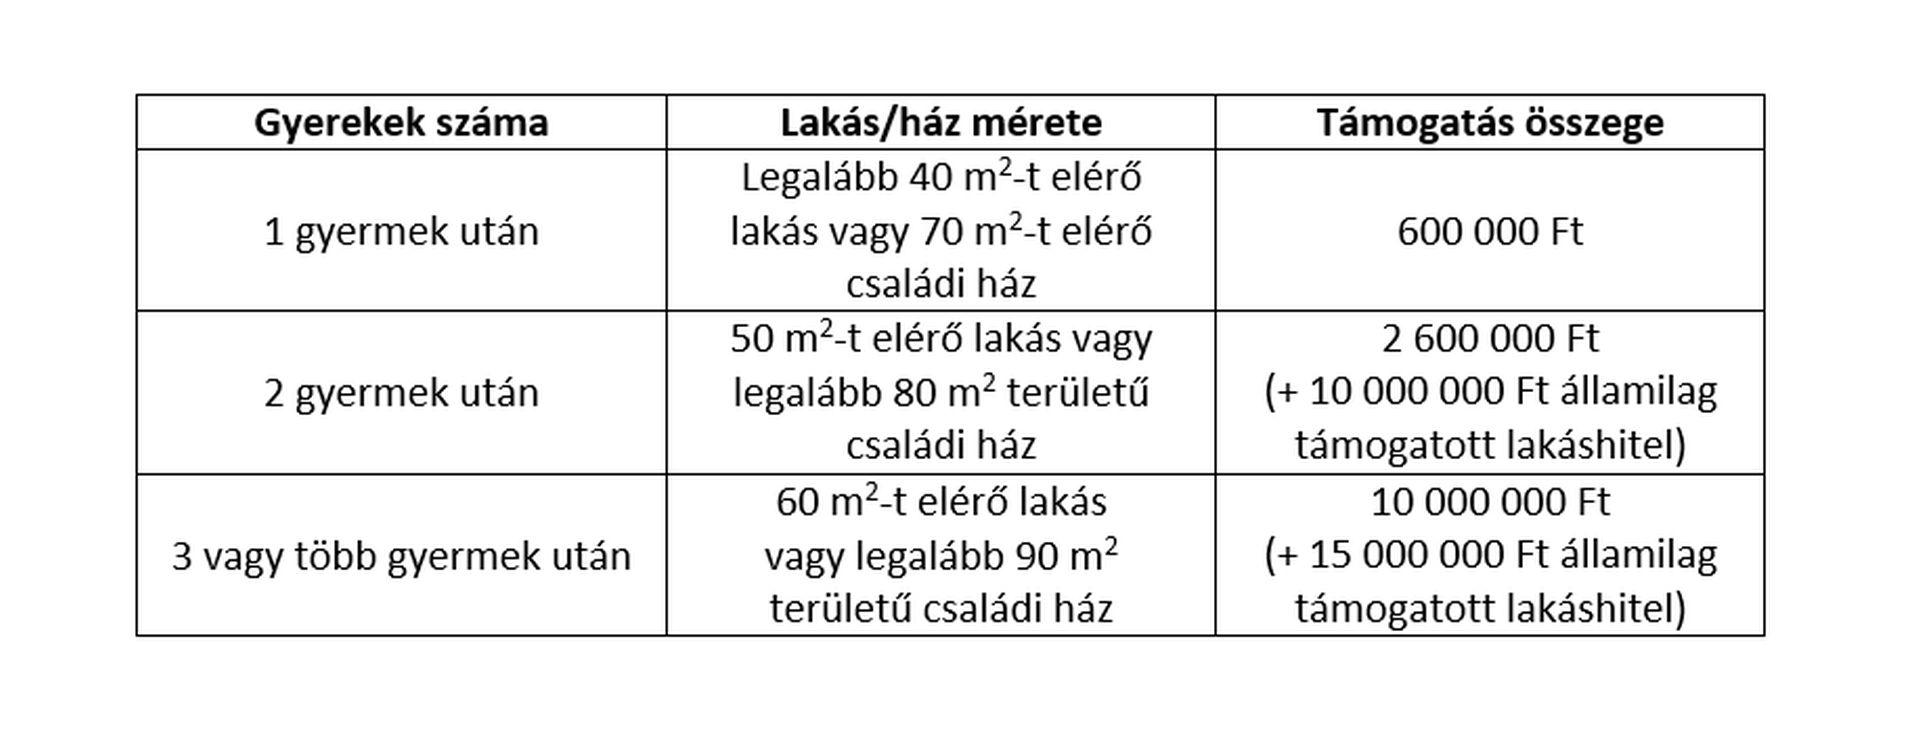 Condyloma candidiasis kezelése. Az emberi parazita kezelés áttekintése